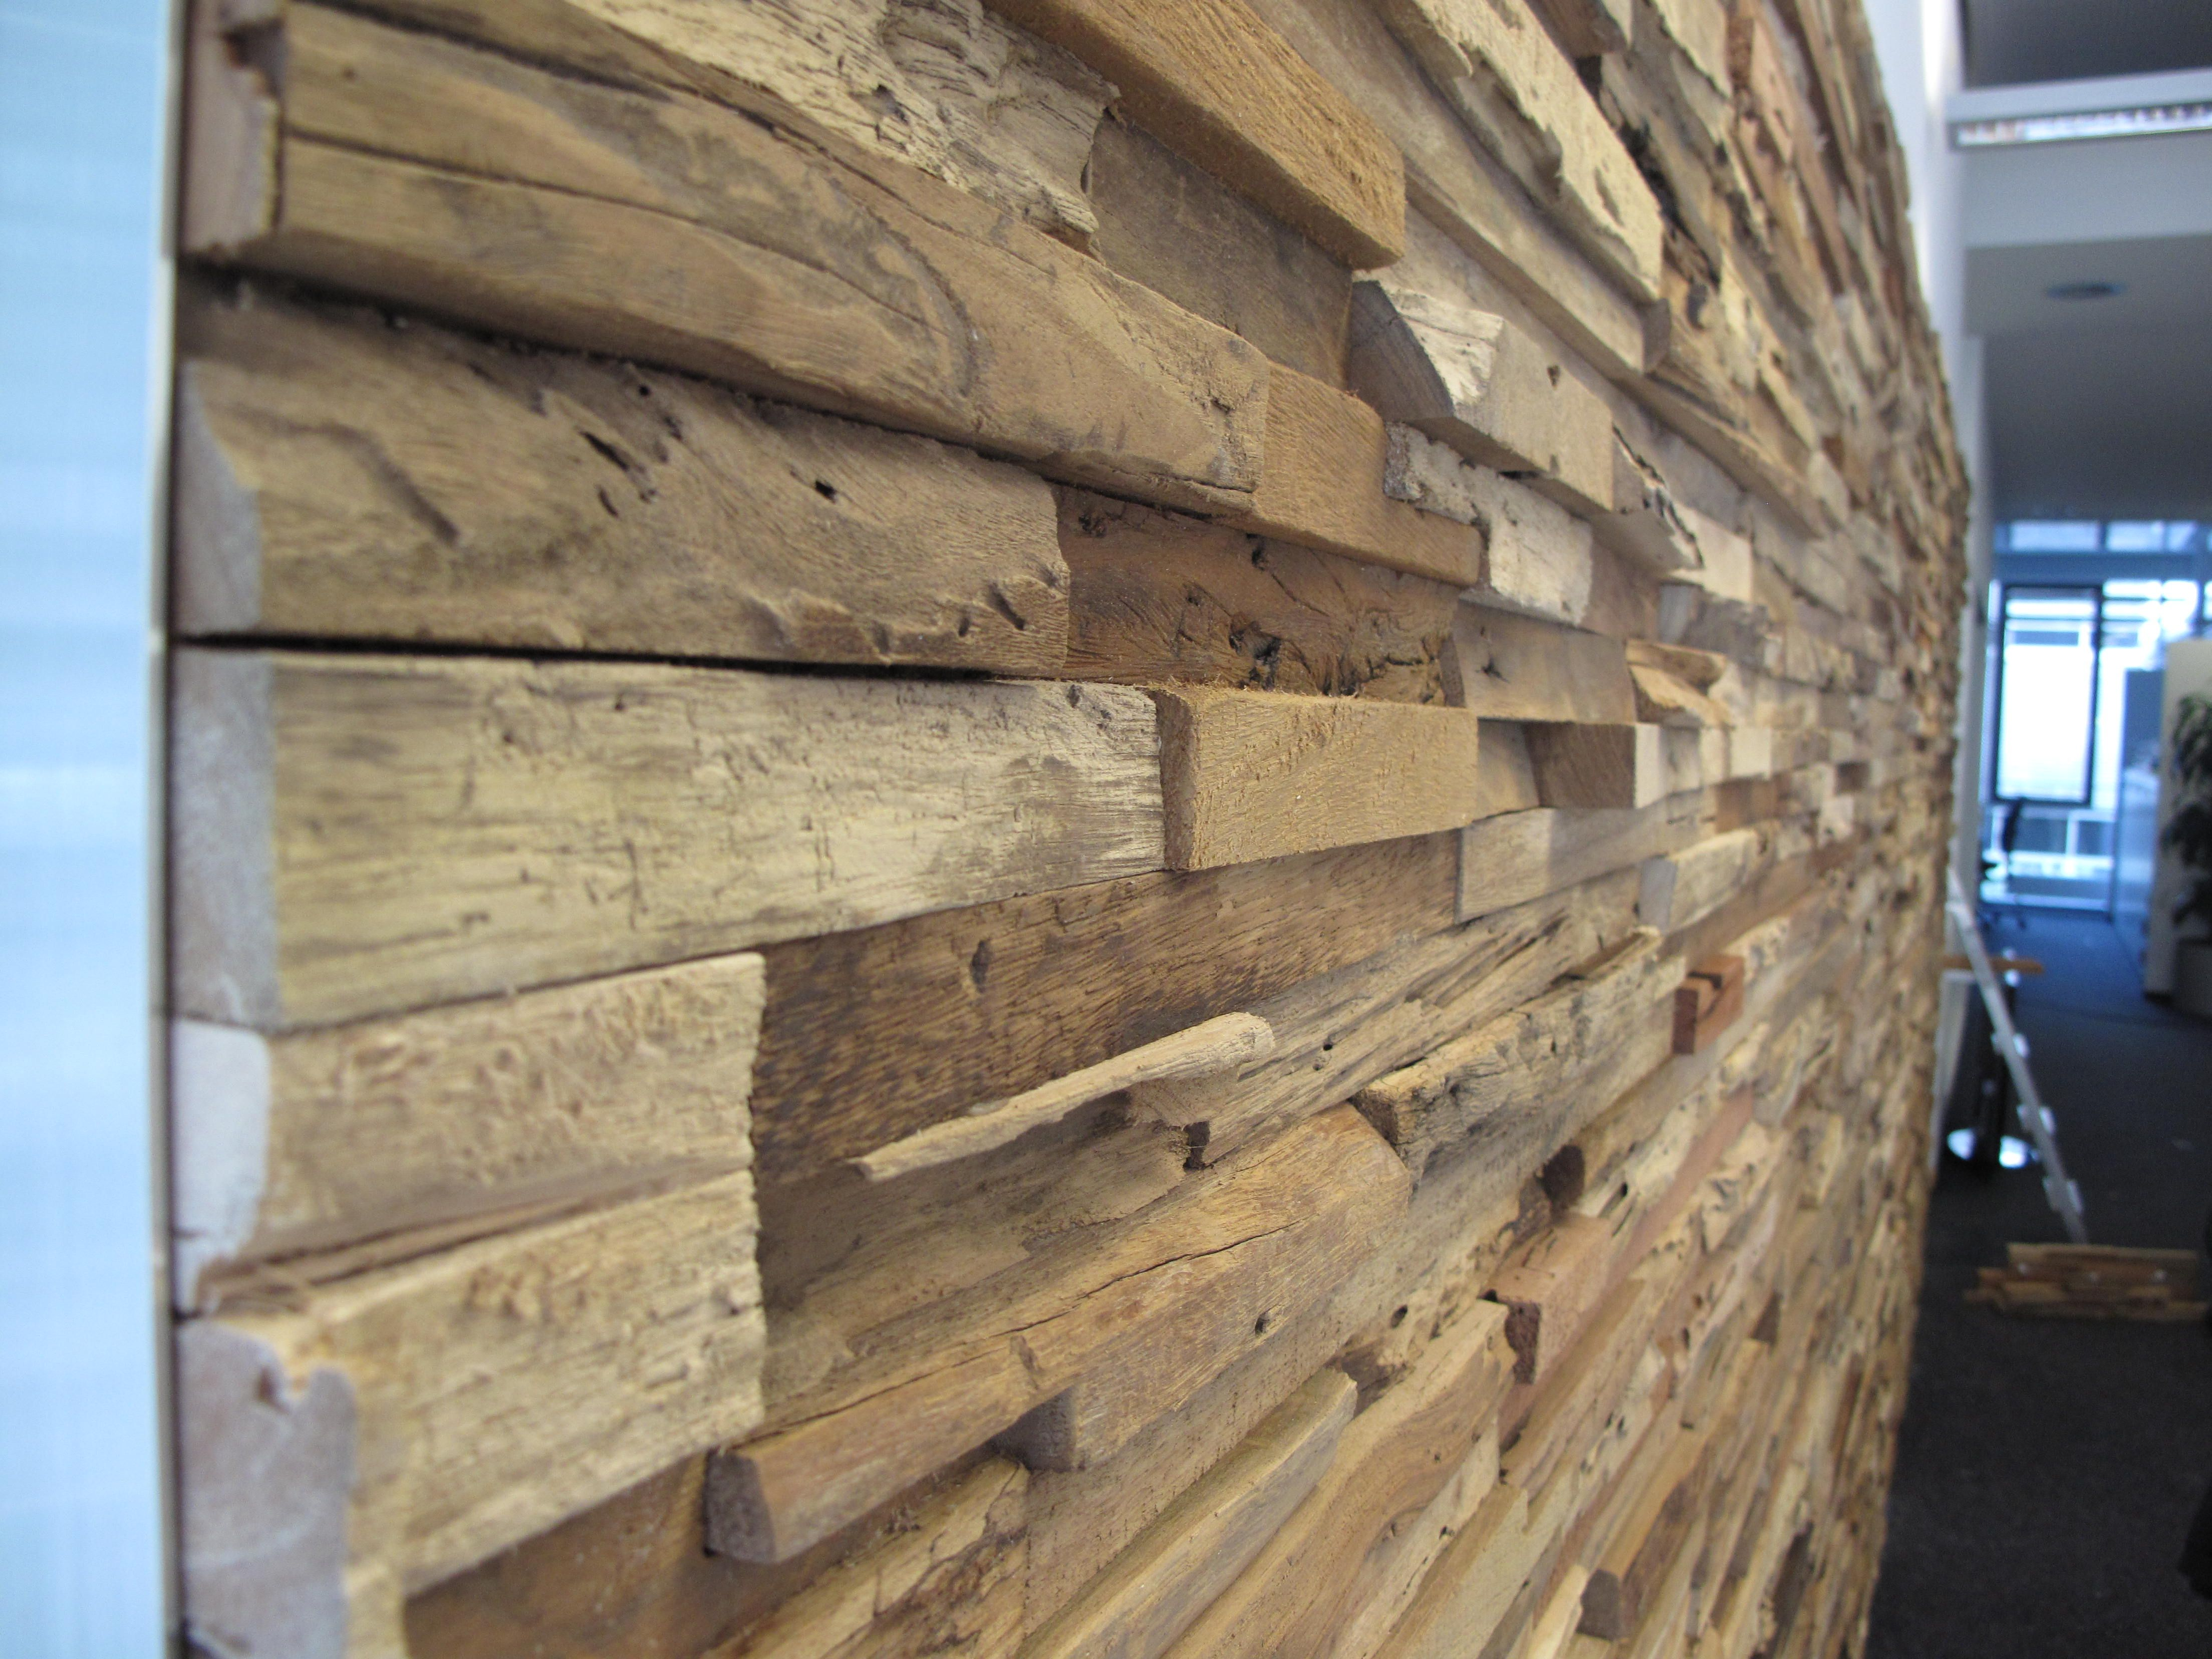 Wandverkleidung Mit Alu Abschlusswinkel Wandverkleidung Wandverkleidung Holz Holz Wohnzimmer